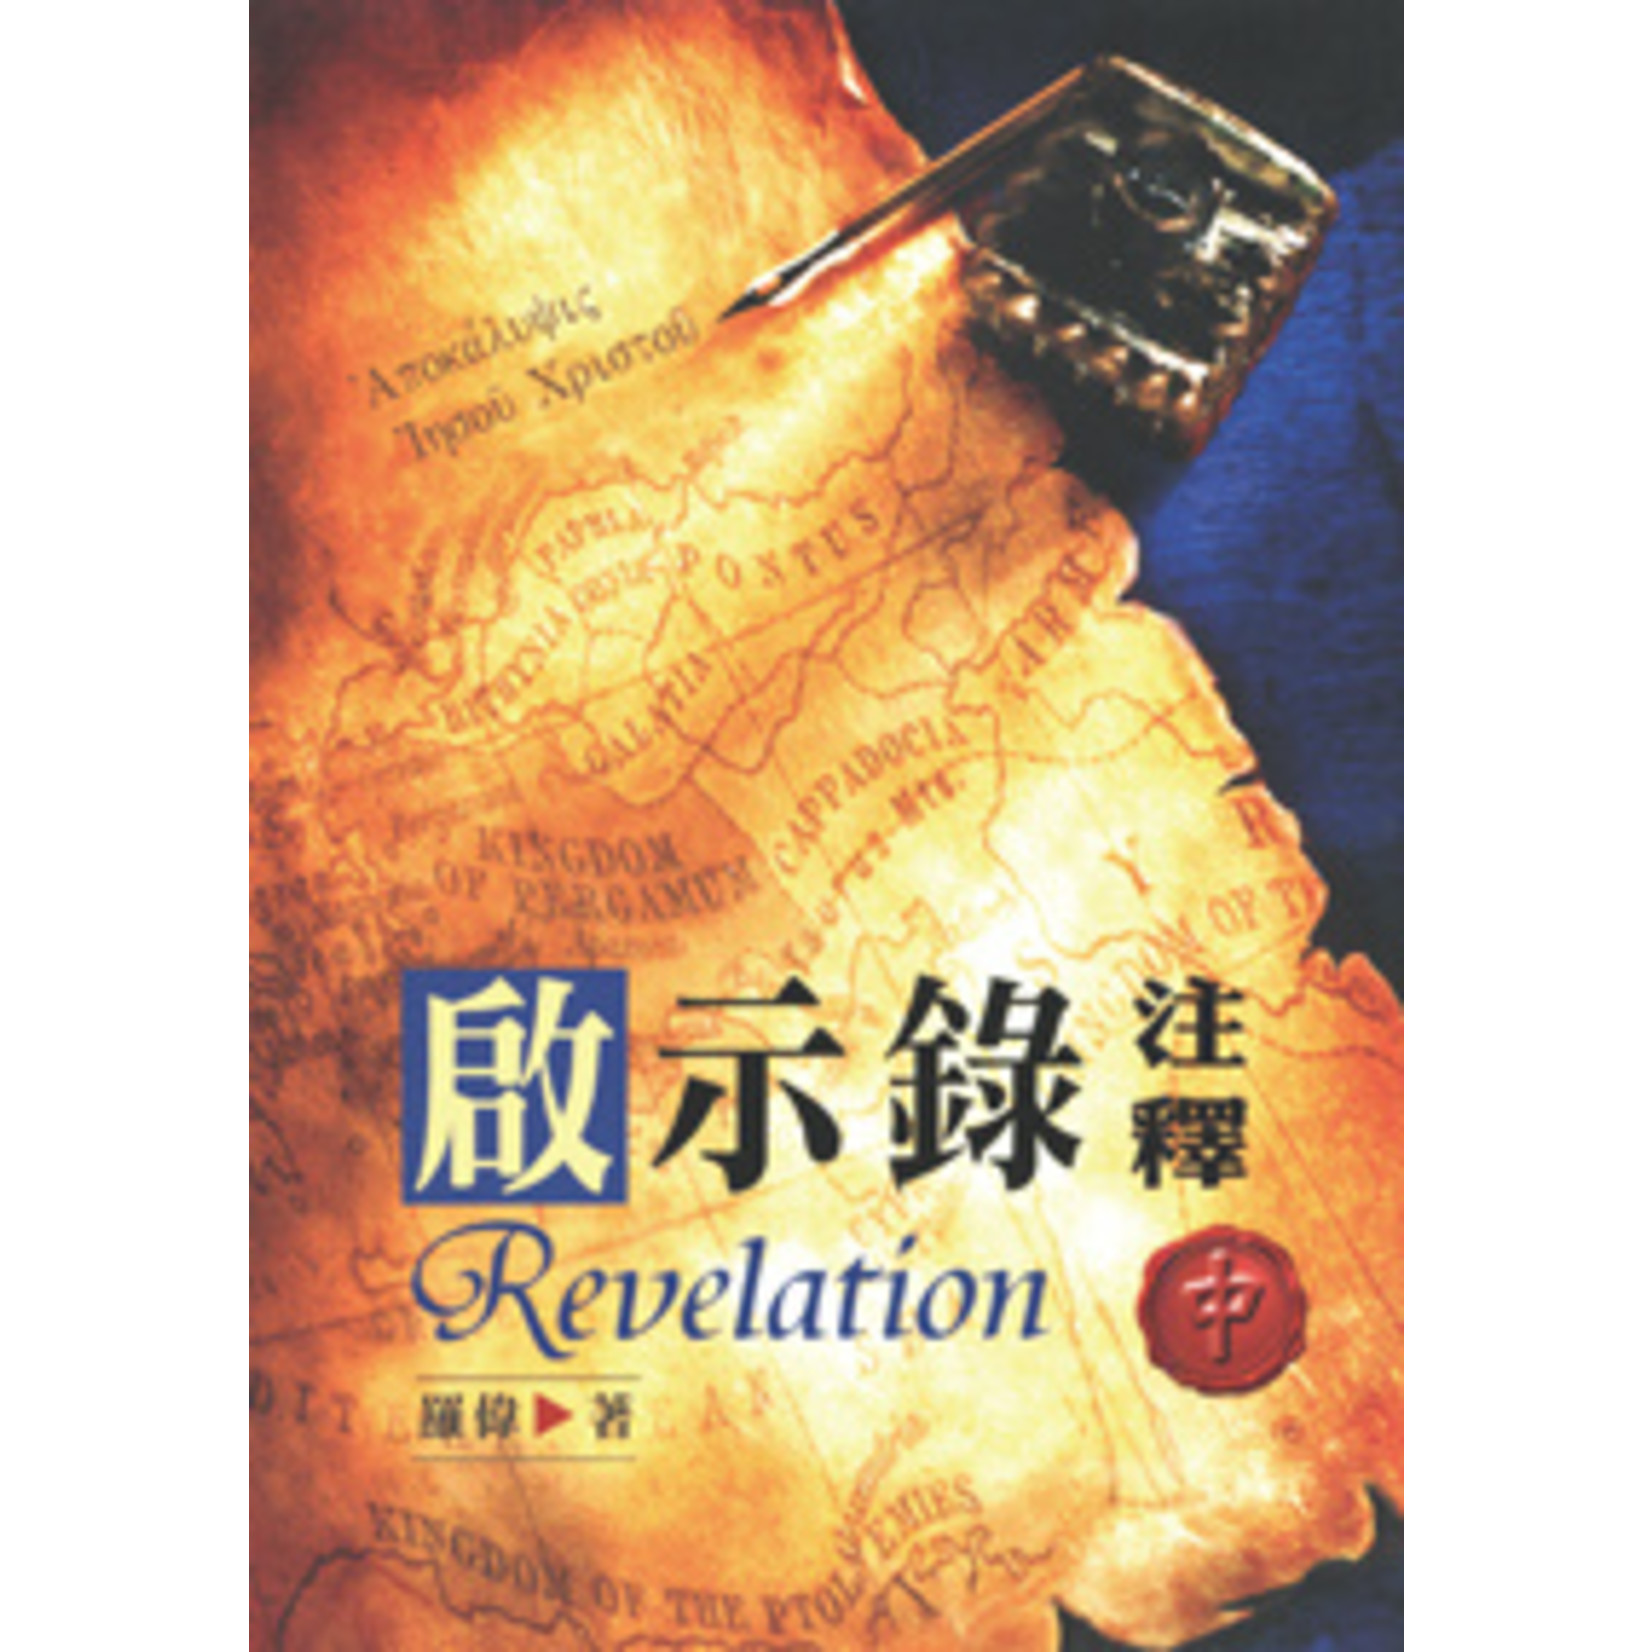 中華福音神學院 China Evangelical Seminary 啟示錄注釋(中)